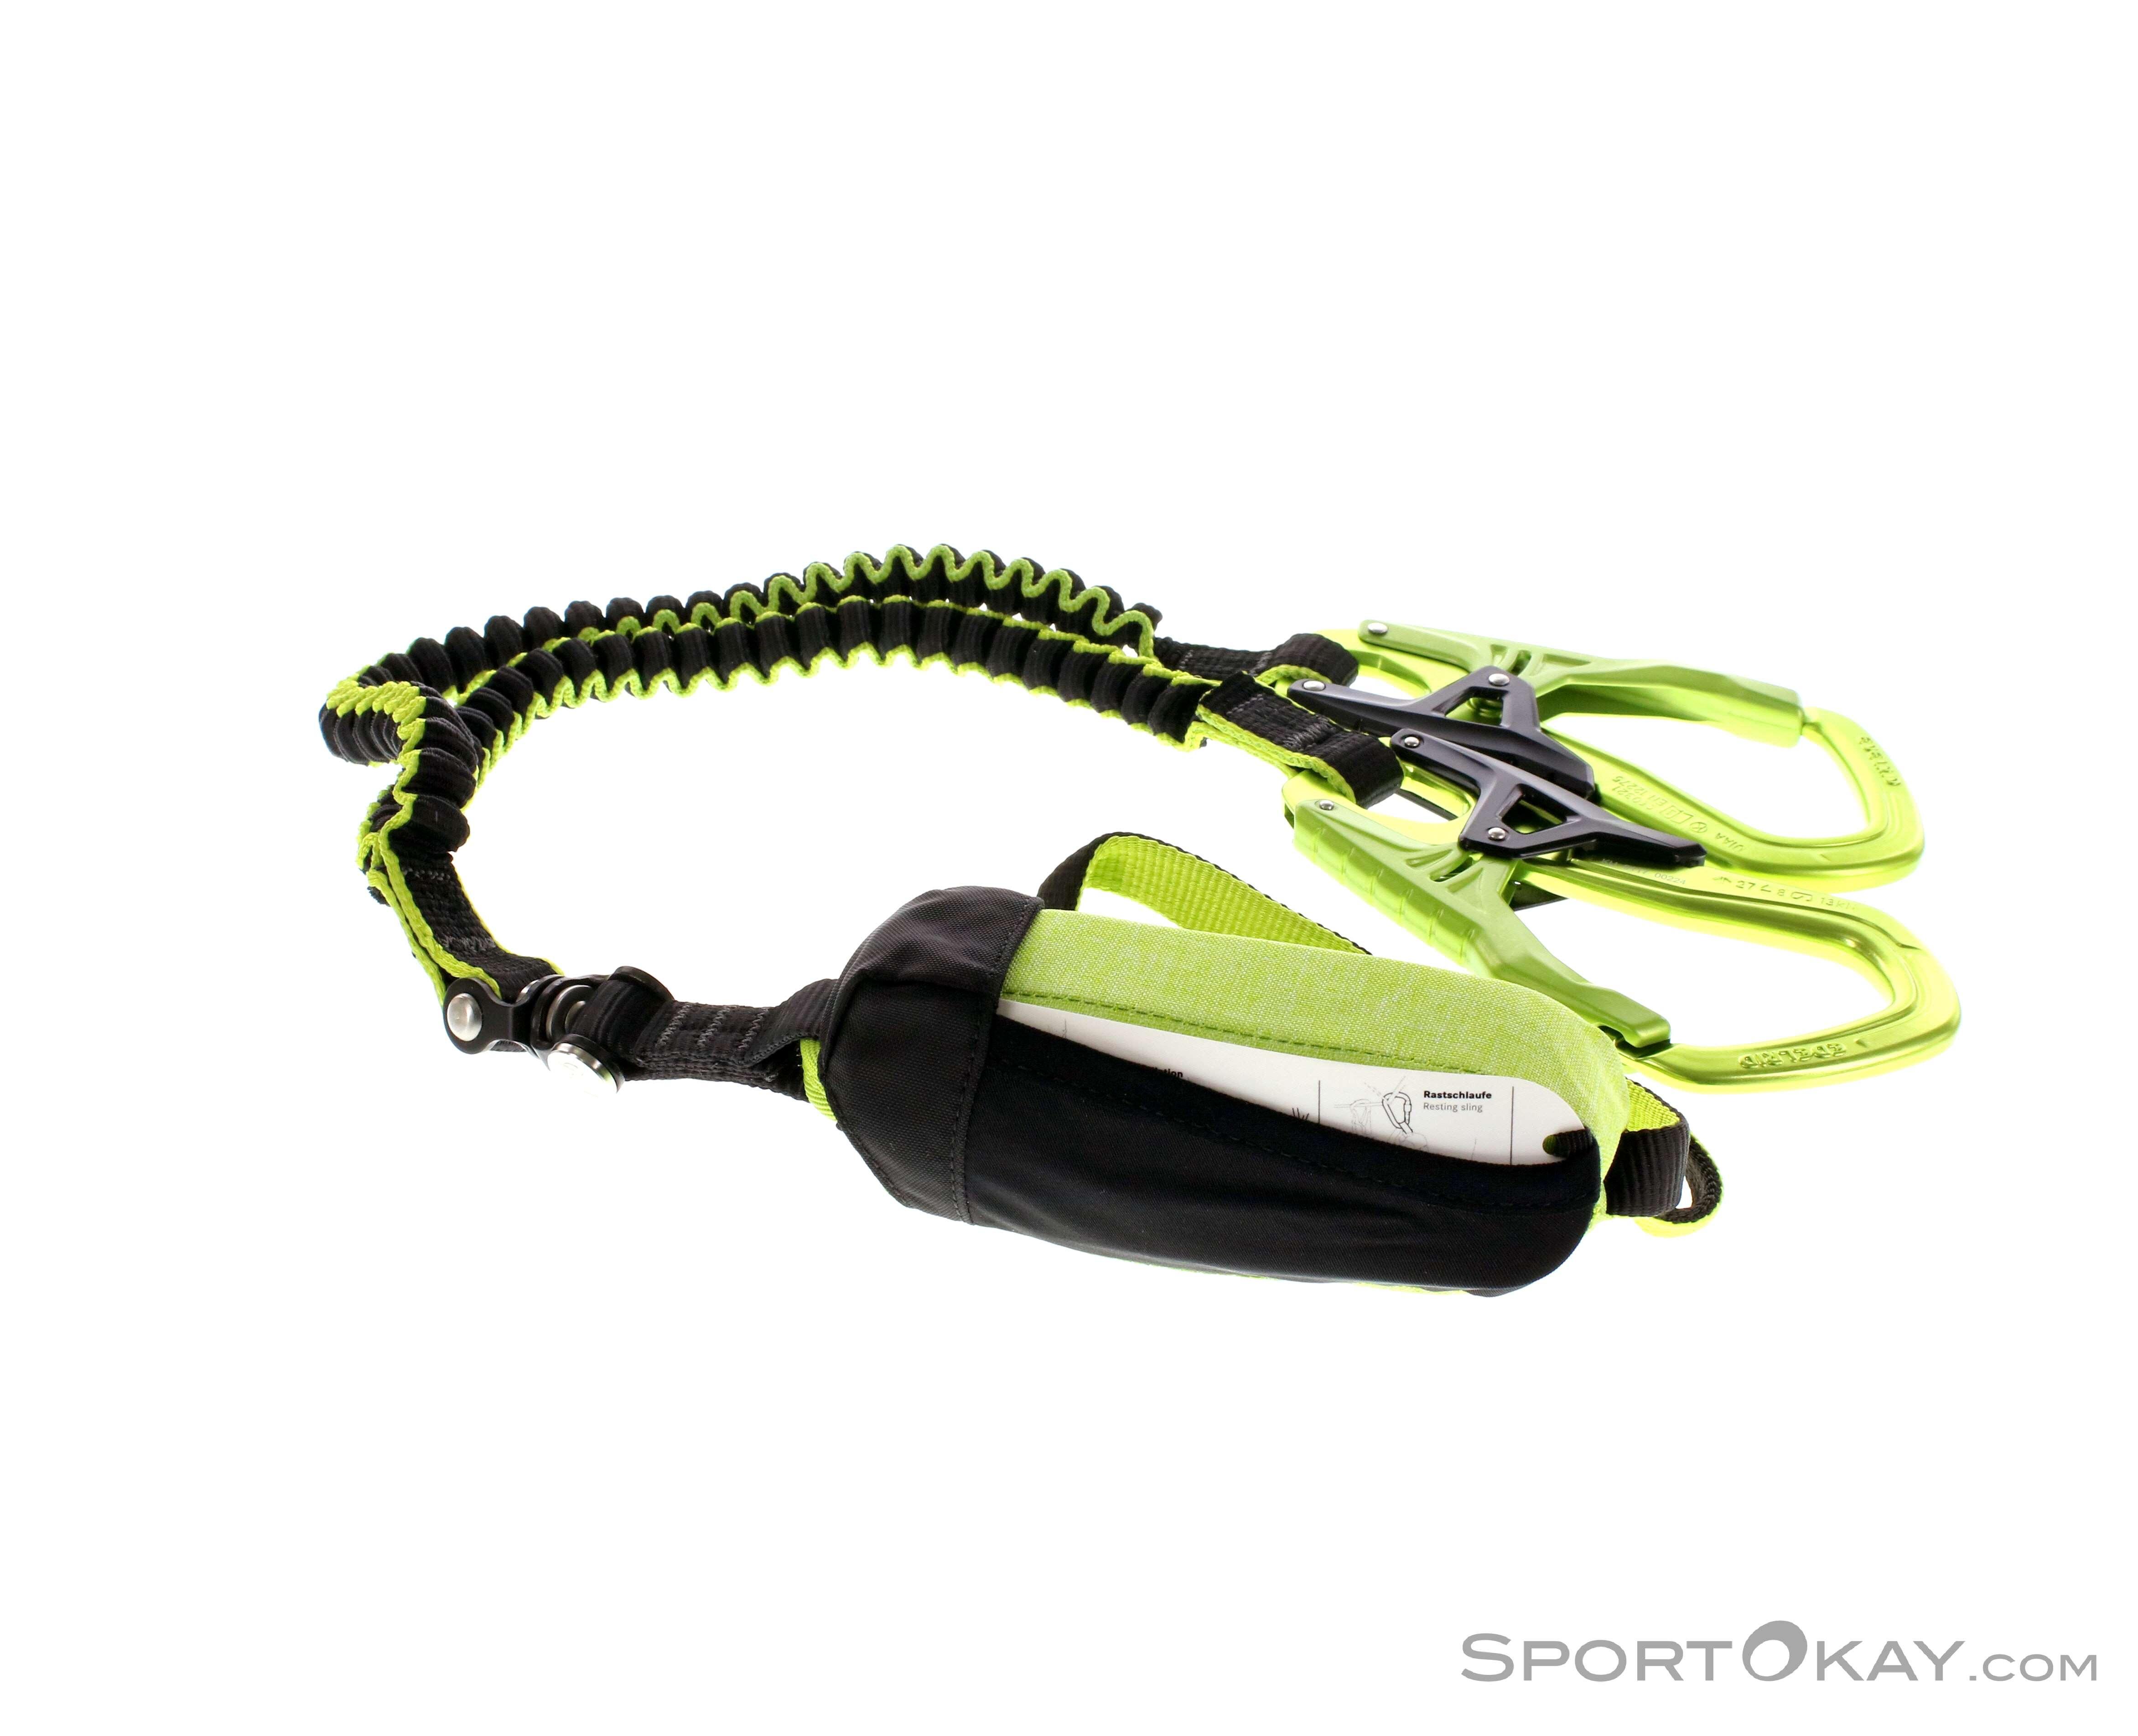 Edelrid Klettergurt Jay Ii : Edelrid cable comfort 5.0 klettersteigset